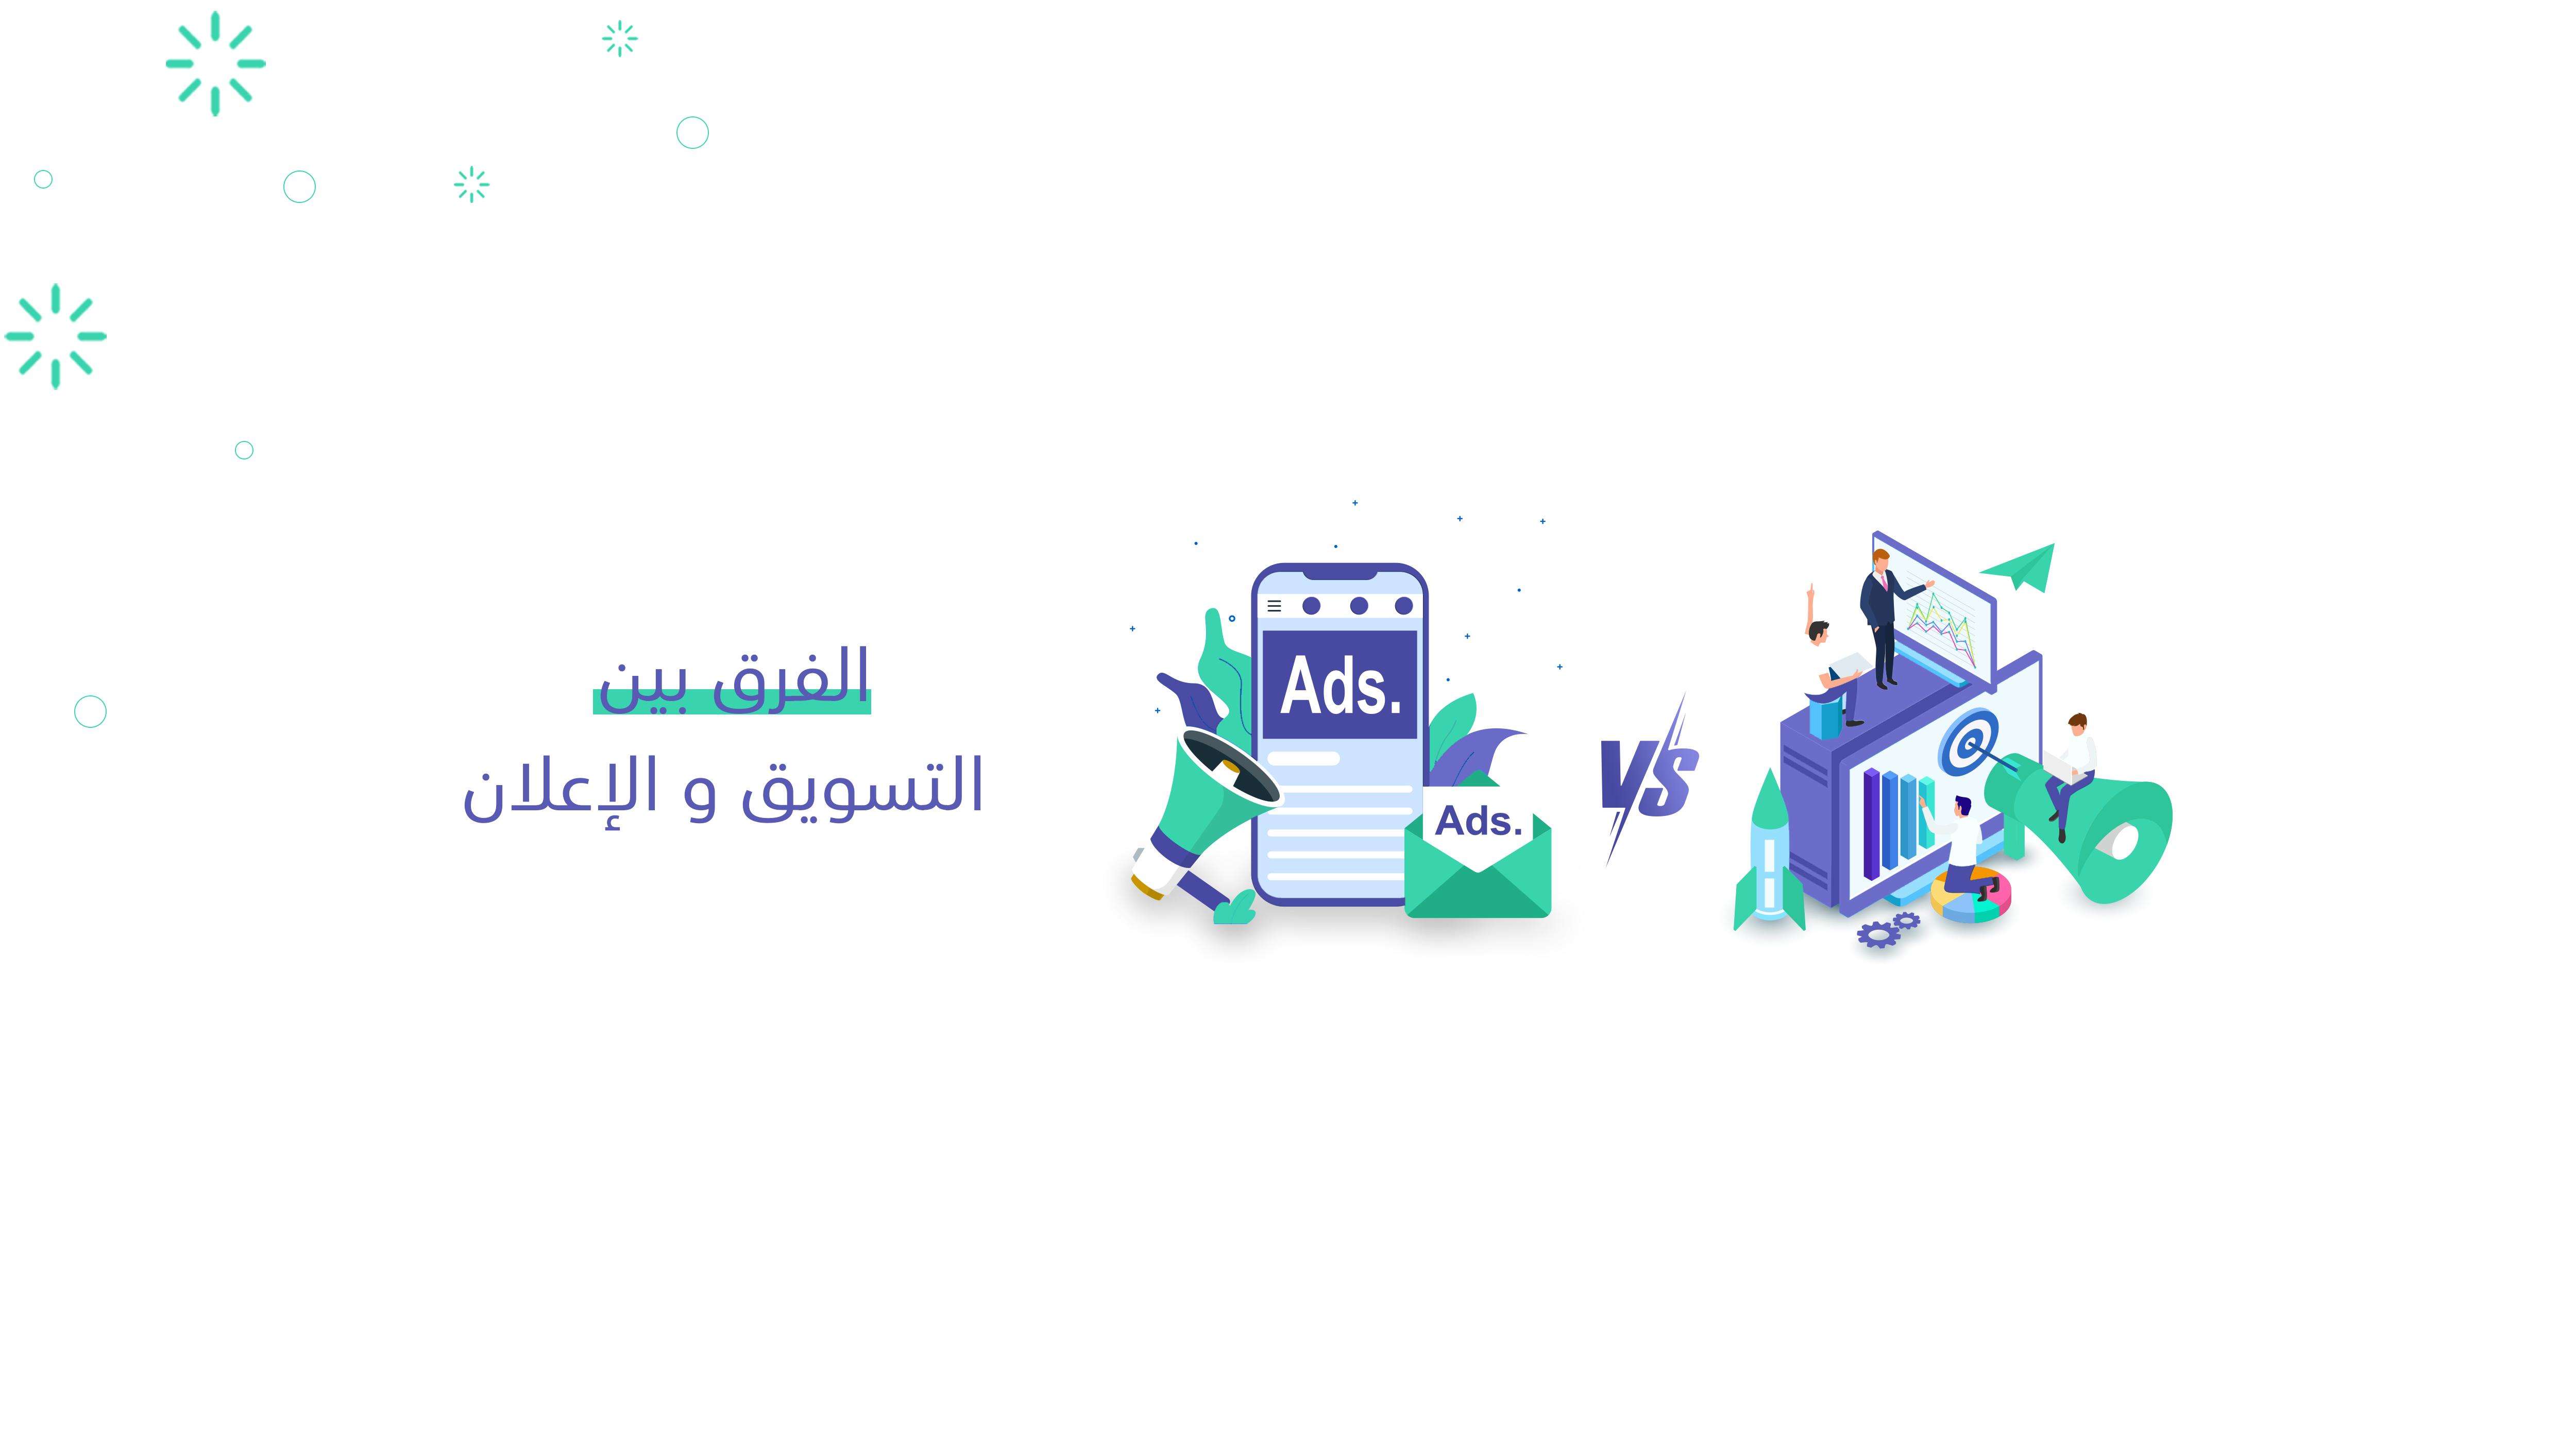 الفرق بين التسويق والإعلان وأهمية كلًا منهما